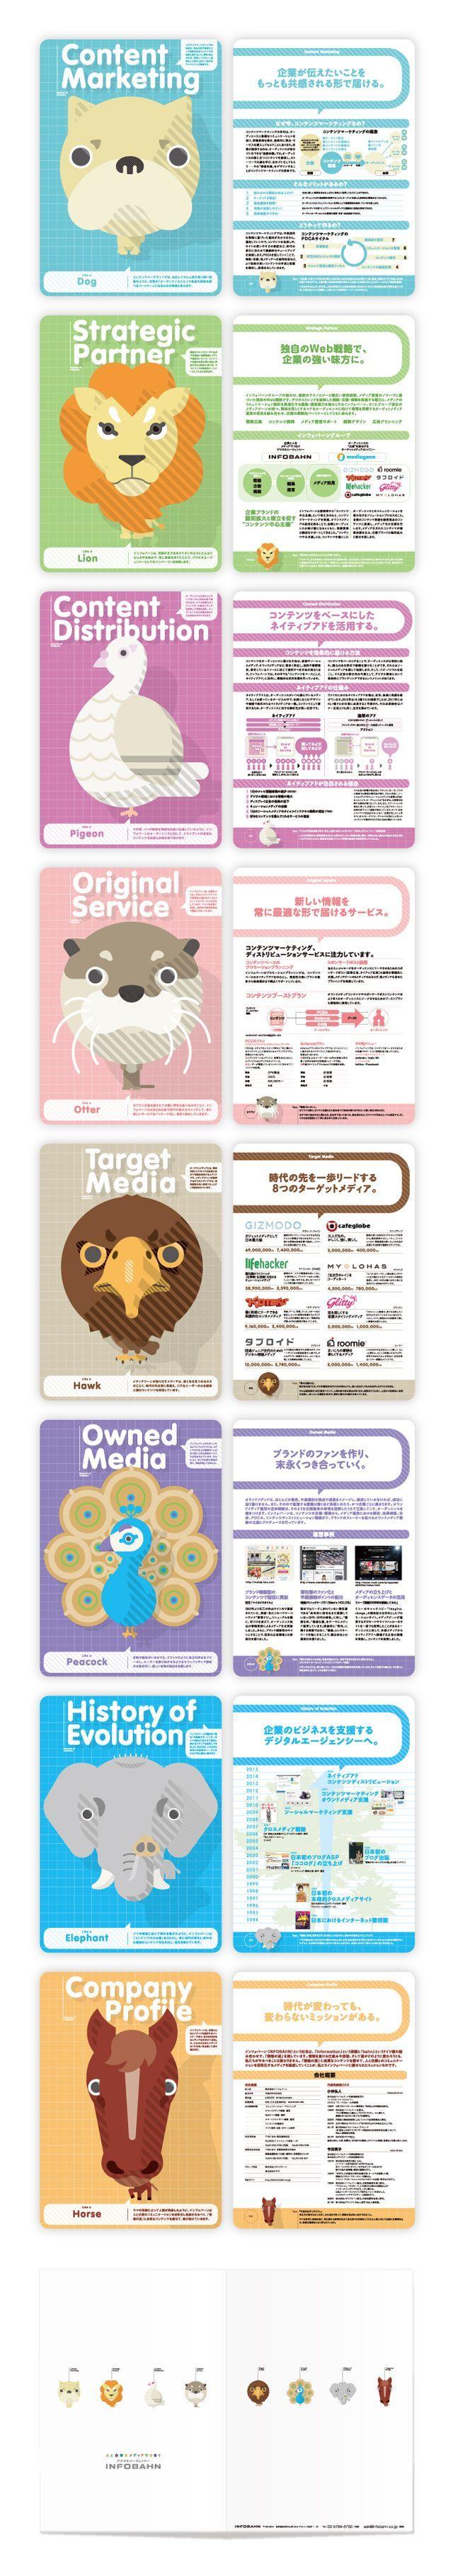 会社案内 Corporate Brochure フラットデザインの動物を作ってみました。 Animal, flat design: